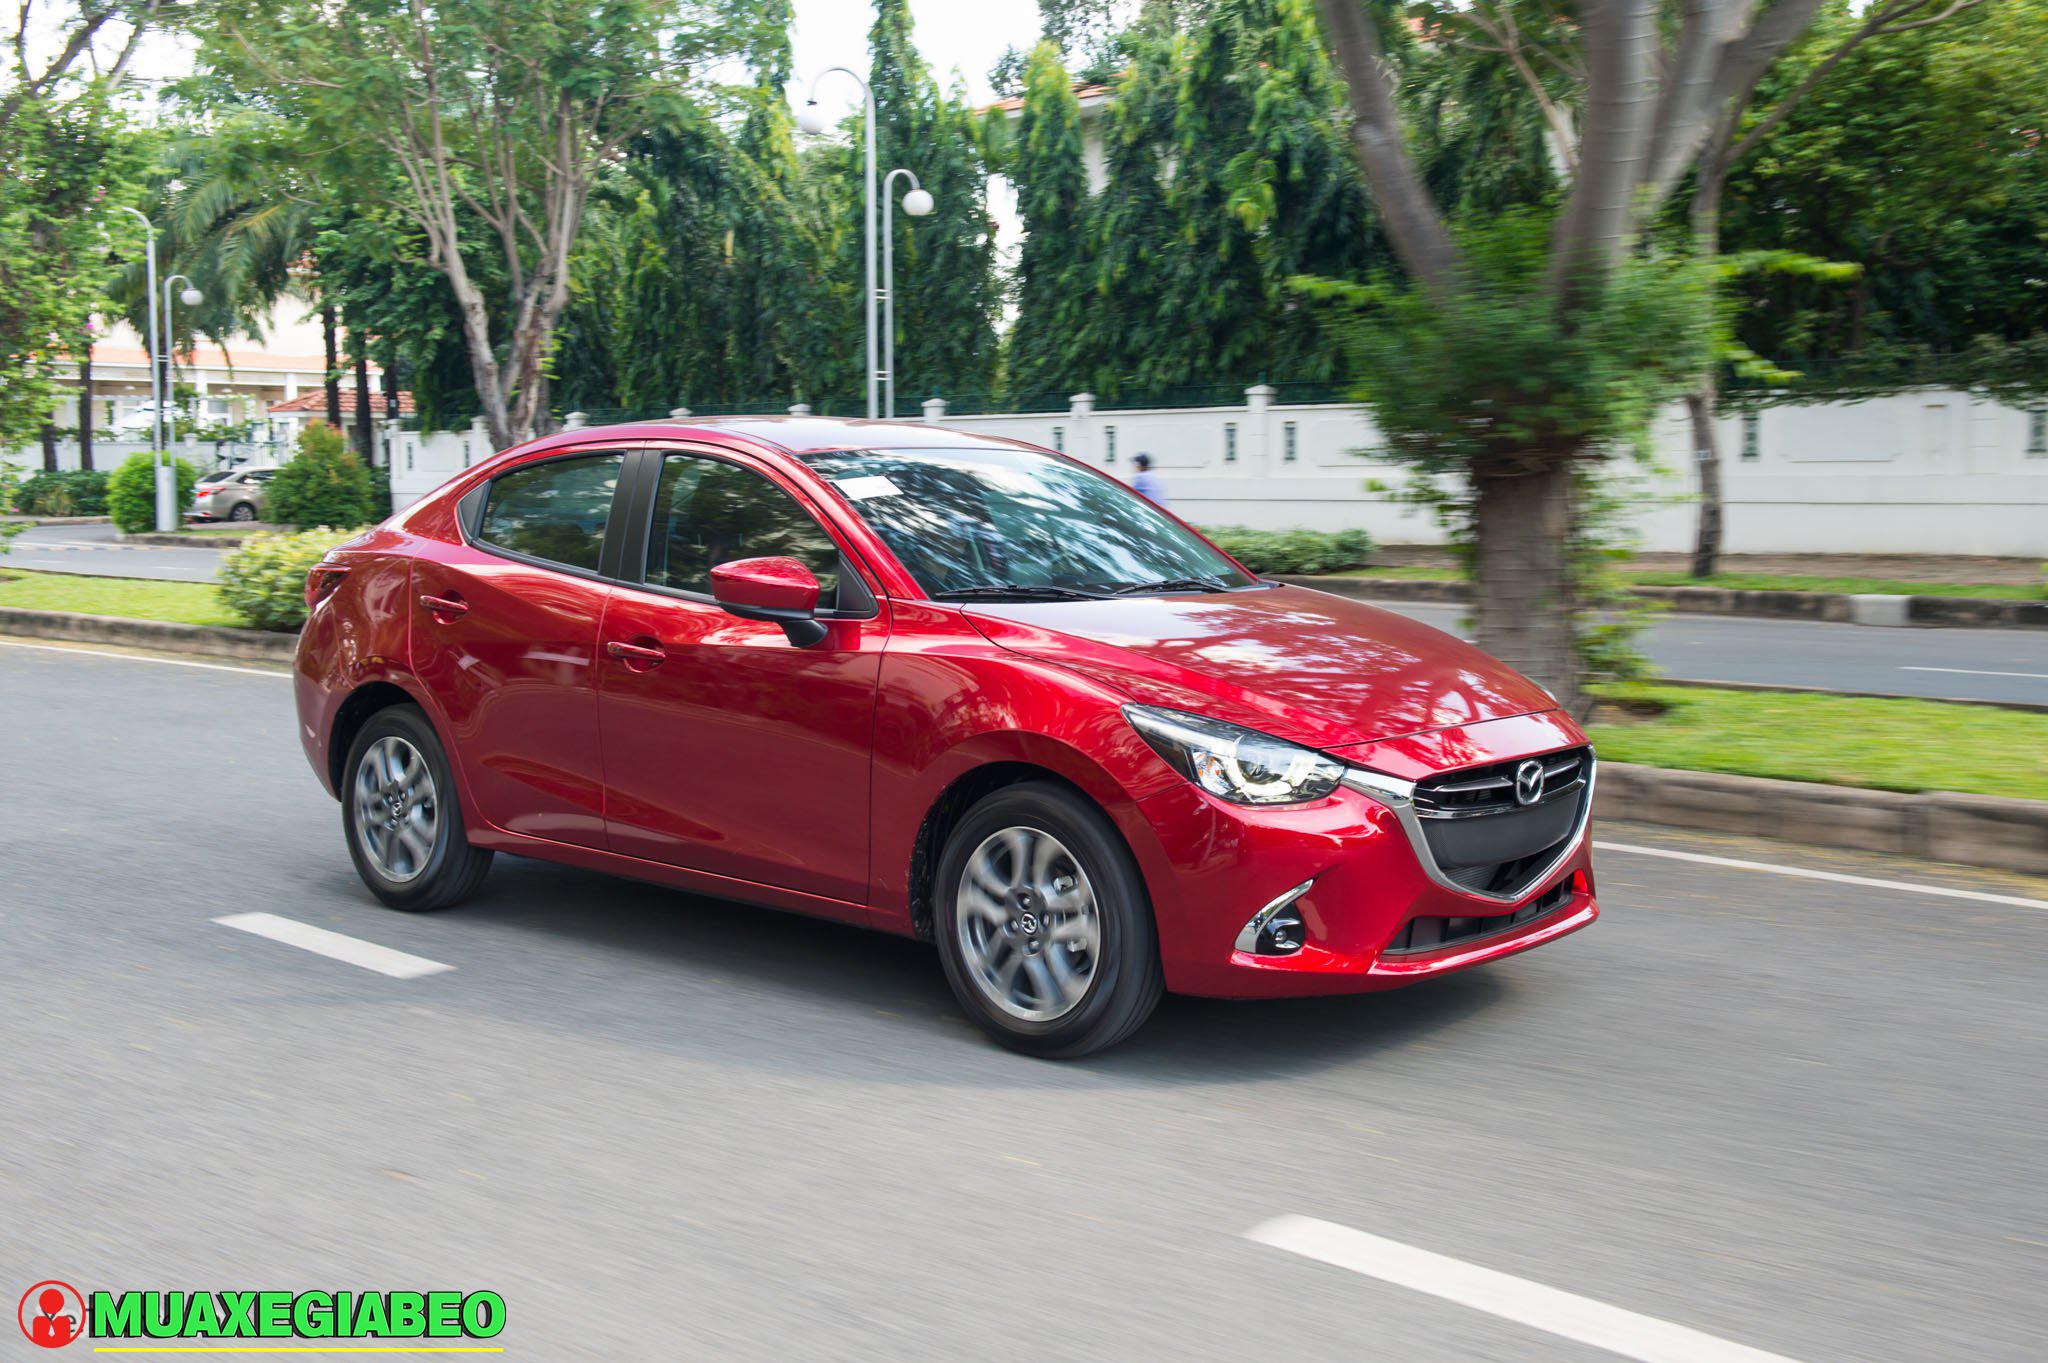 Xe Mazda 2 anh 19 - Mazda 2 [hienthinam]: thông số, giá xe & khuyến mãi tháng [hienthithang]